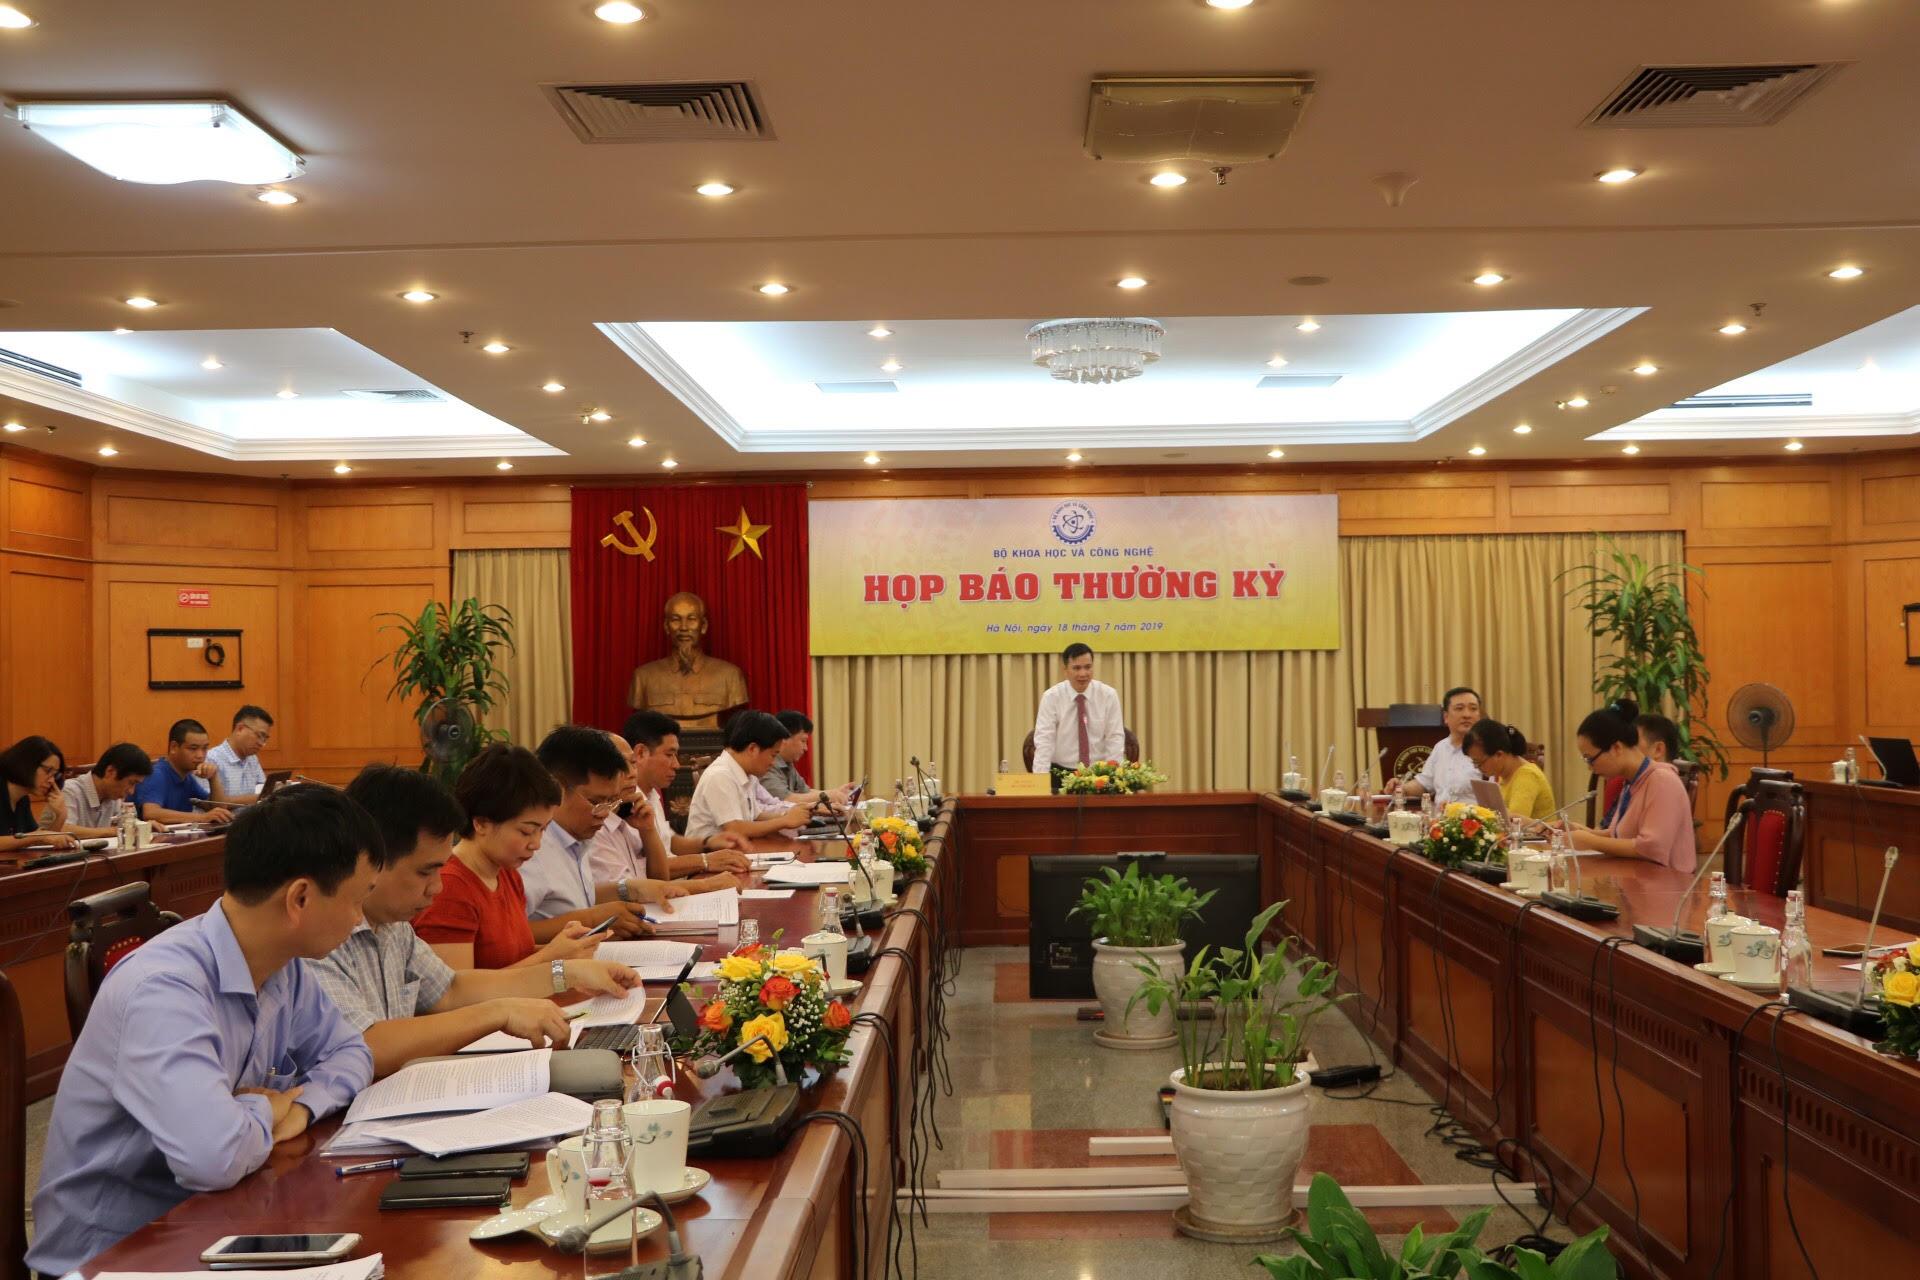 Ngày hội trí tuệ nhân tạo Việt Nam 2019 sẽ thu hút nhiều chuyên gia hàng đầu thế giới